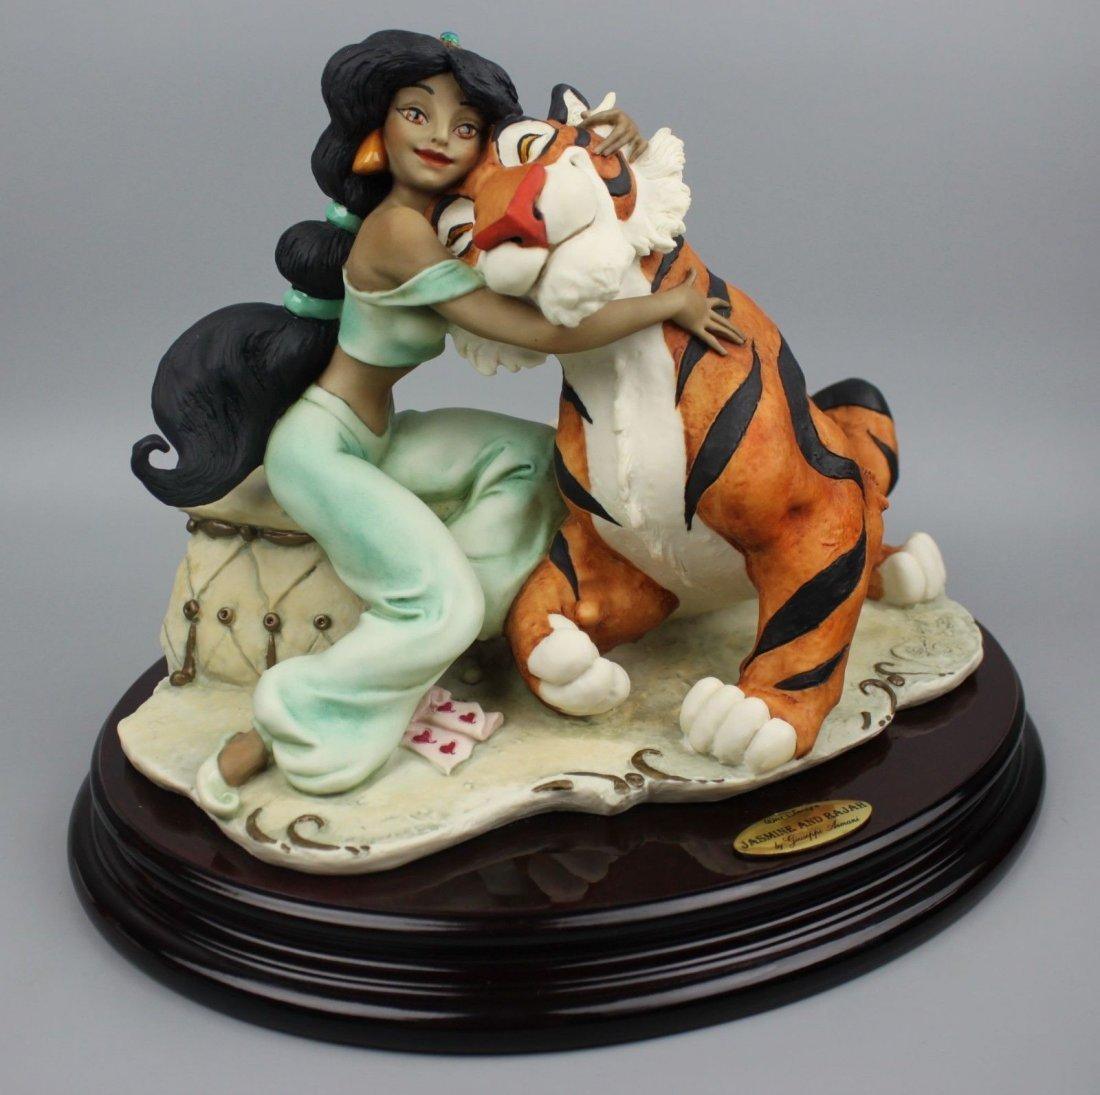 Giuseppe Armani Jasmine and Rajah Figurine - 2